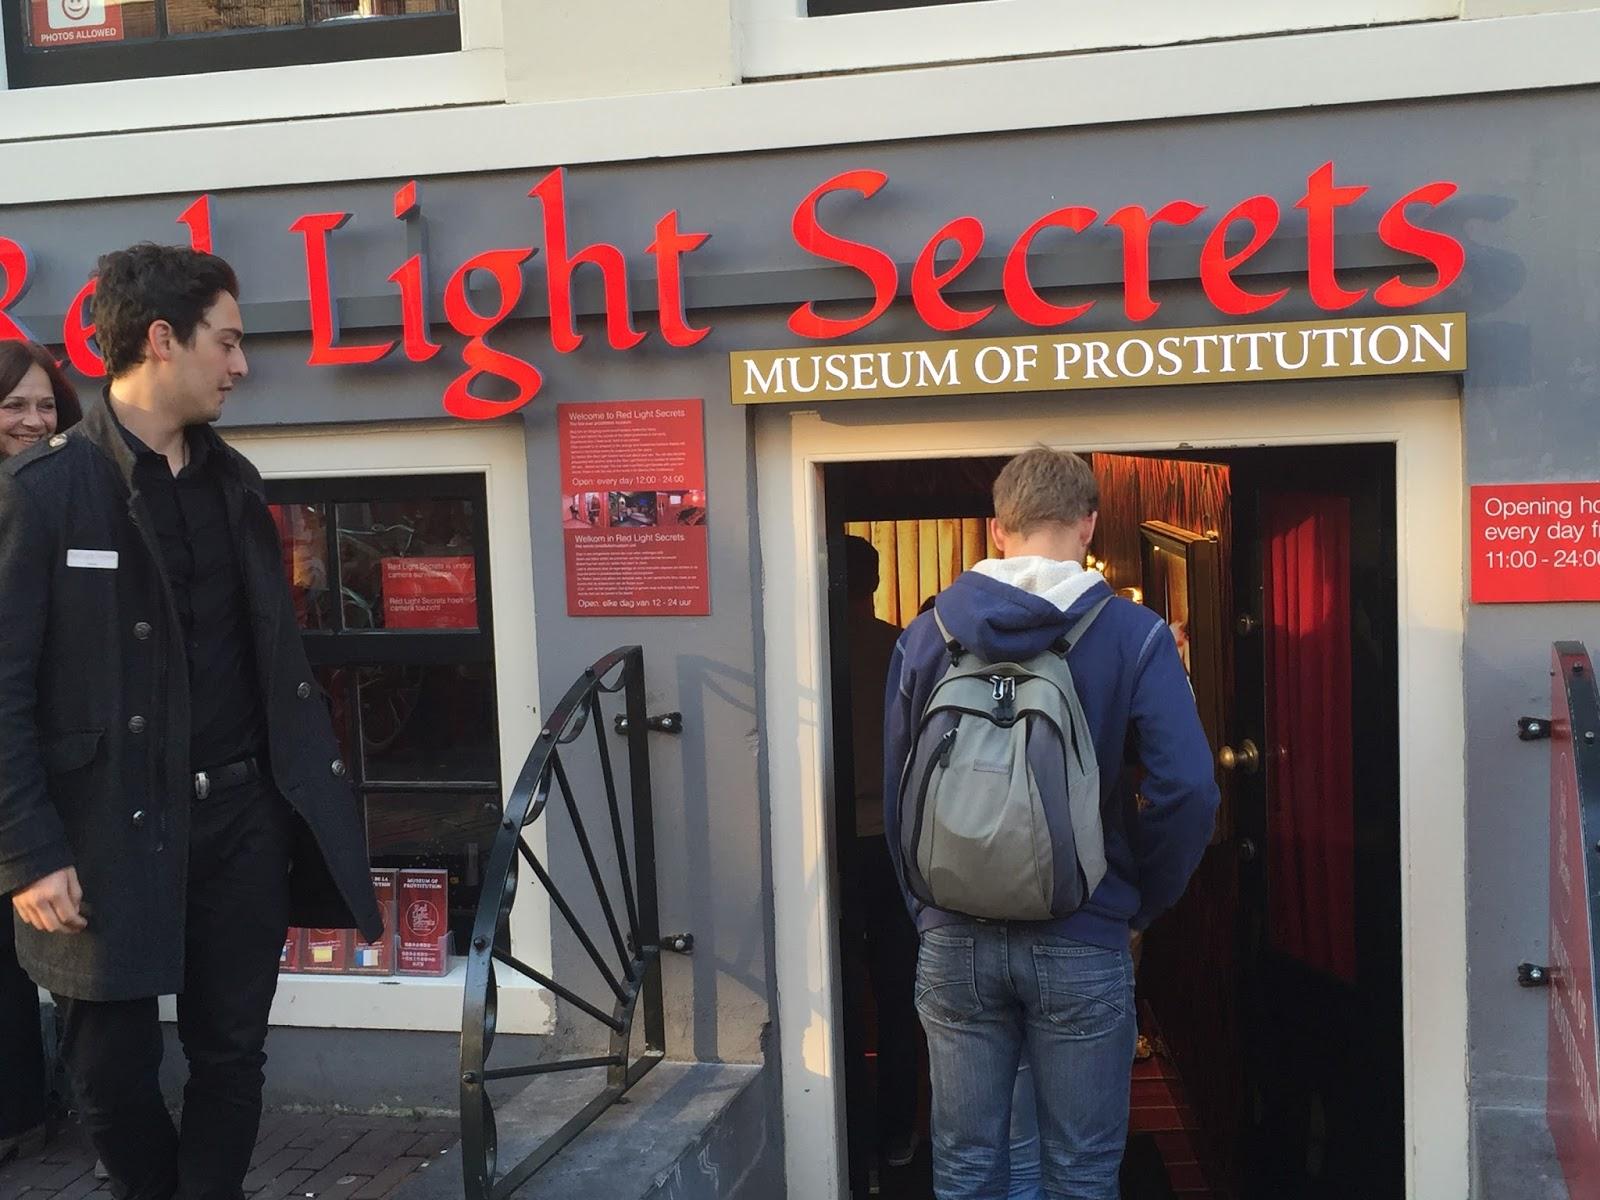 historia de la prostitucion escaparates de prostitutas